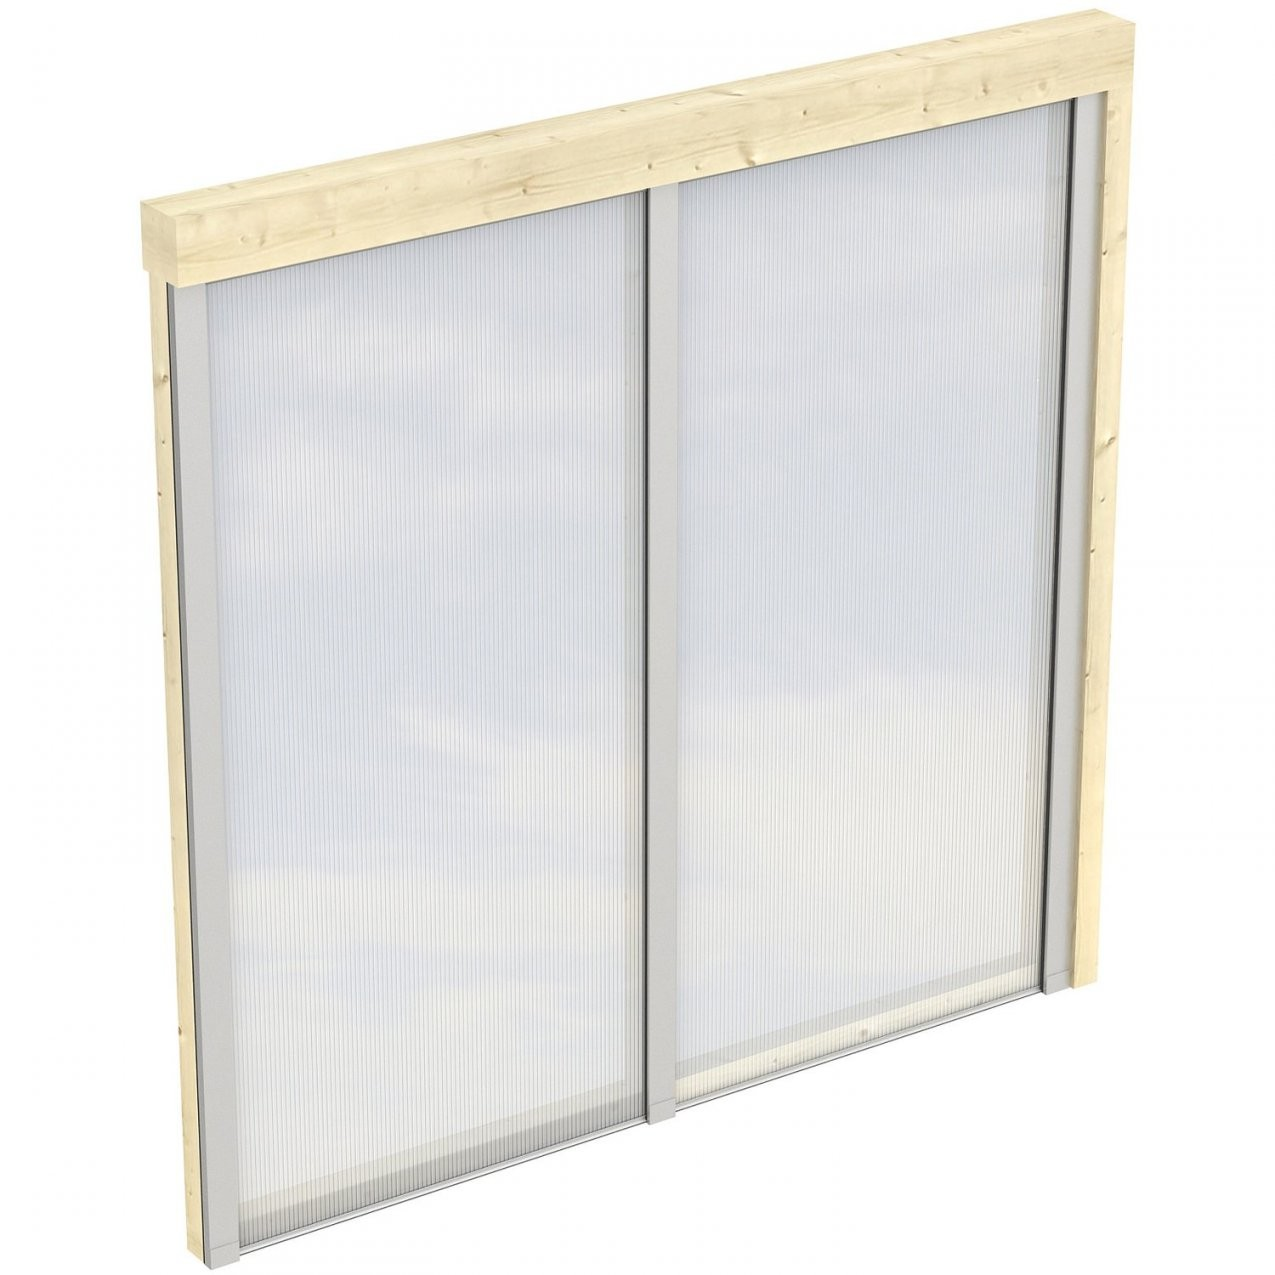 Skan Holz Polycarbonat Seitenwand Für Terrassenüberdachung 250239 von Seitenwand Für Terrassenüberdachung Selber Bauen Bild